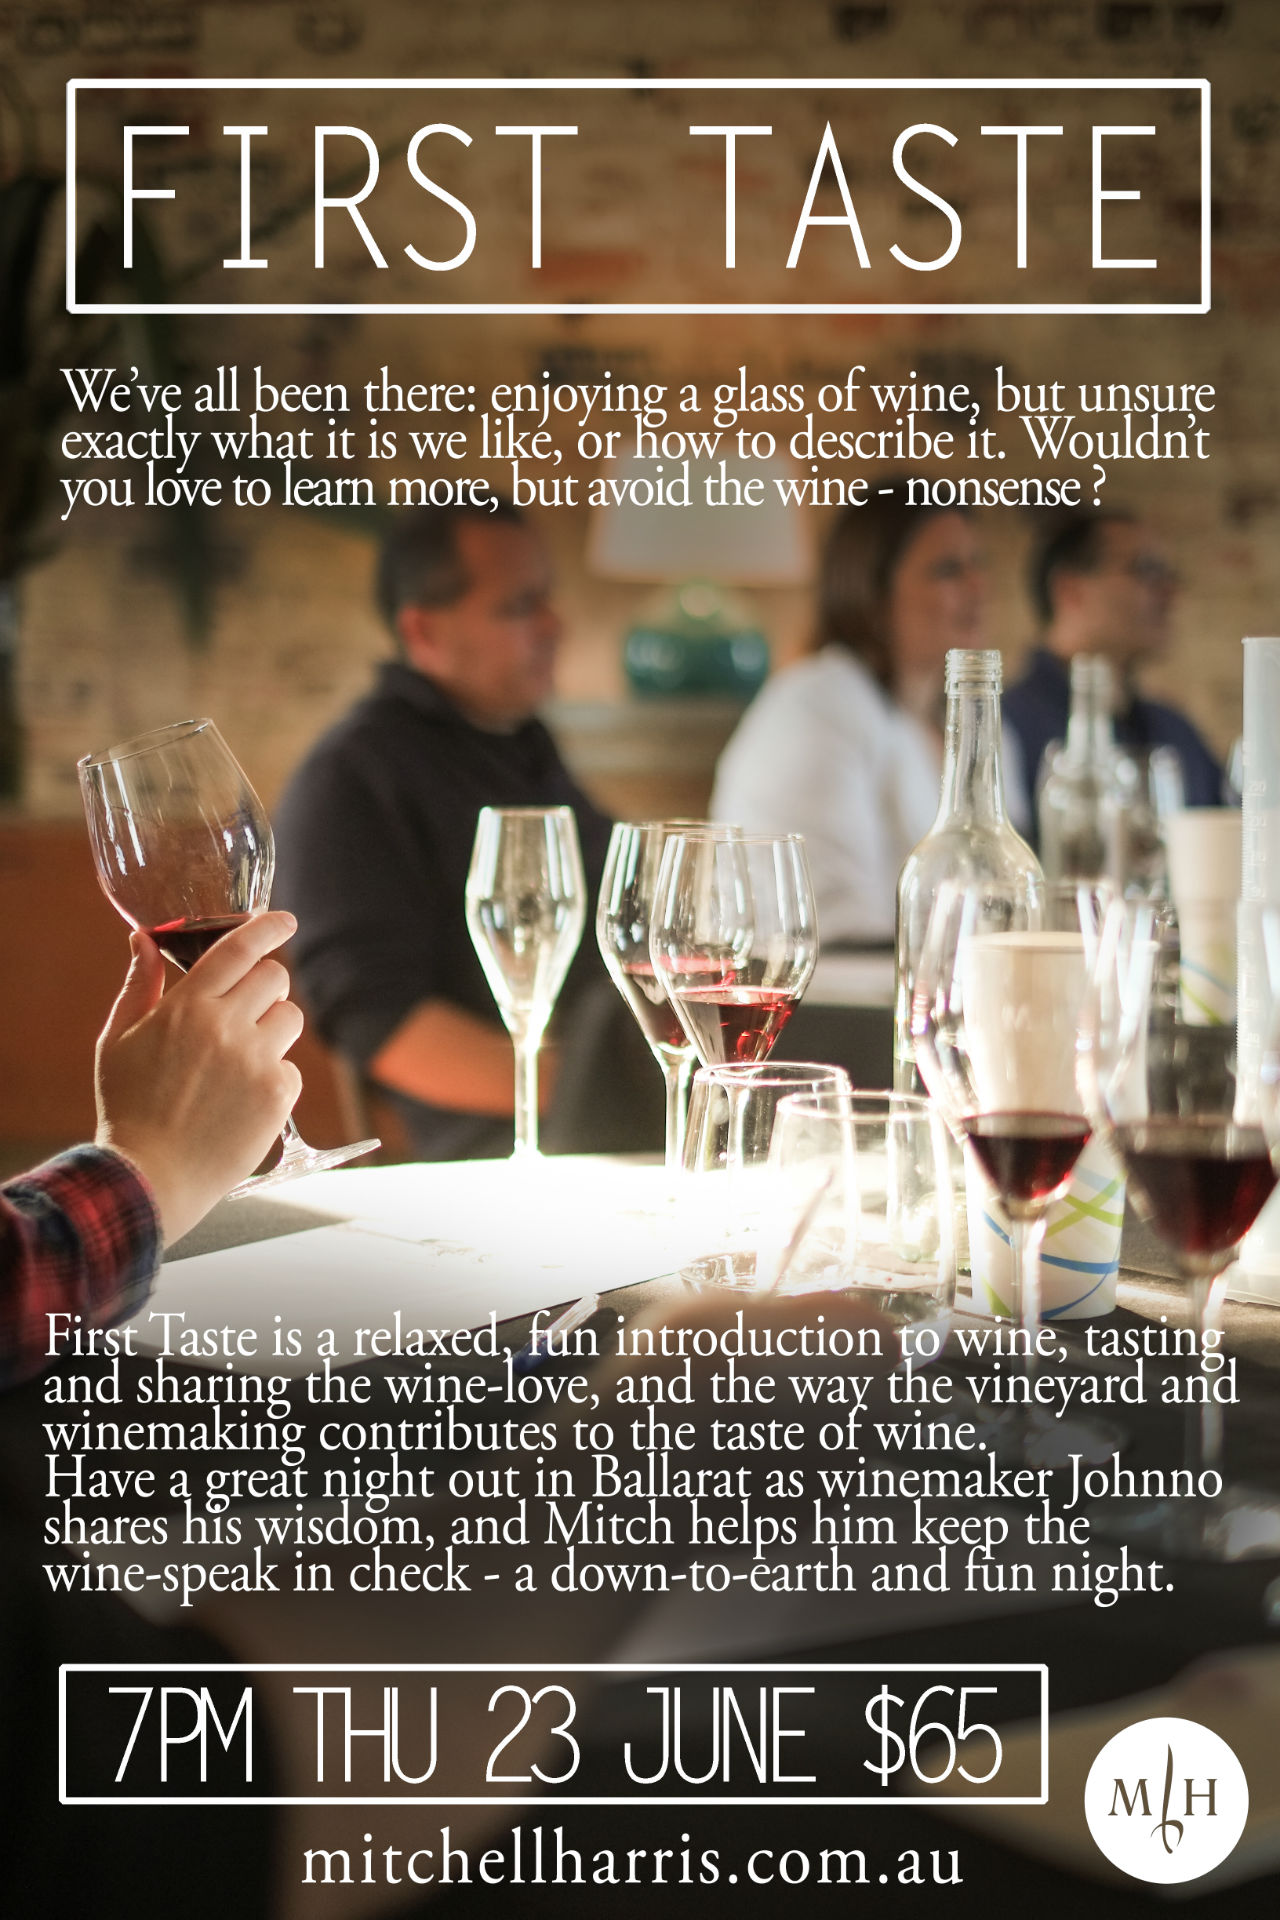 ab3059391cc First Taste wine tasting - Mitchell Harris Wines